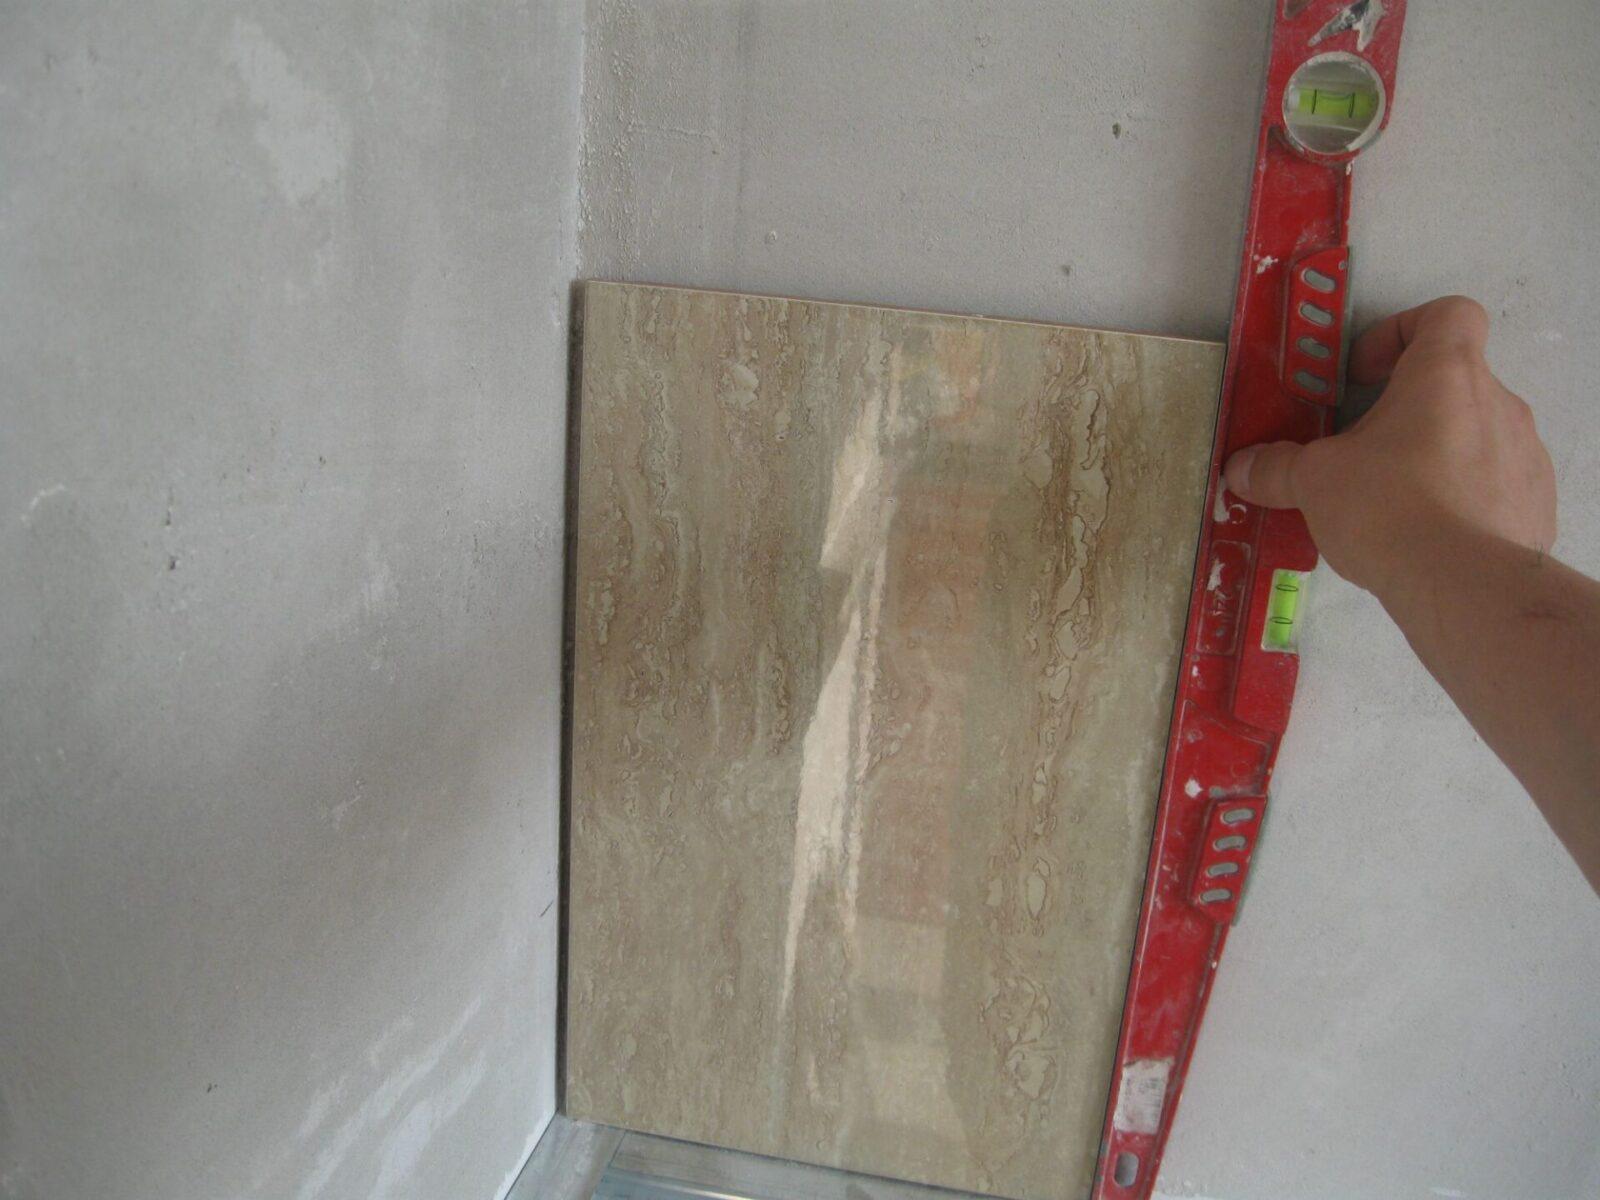 Ремонт стен на кухне своими руками: пол и потолок, как выровнять 28